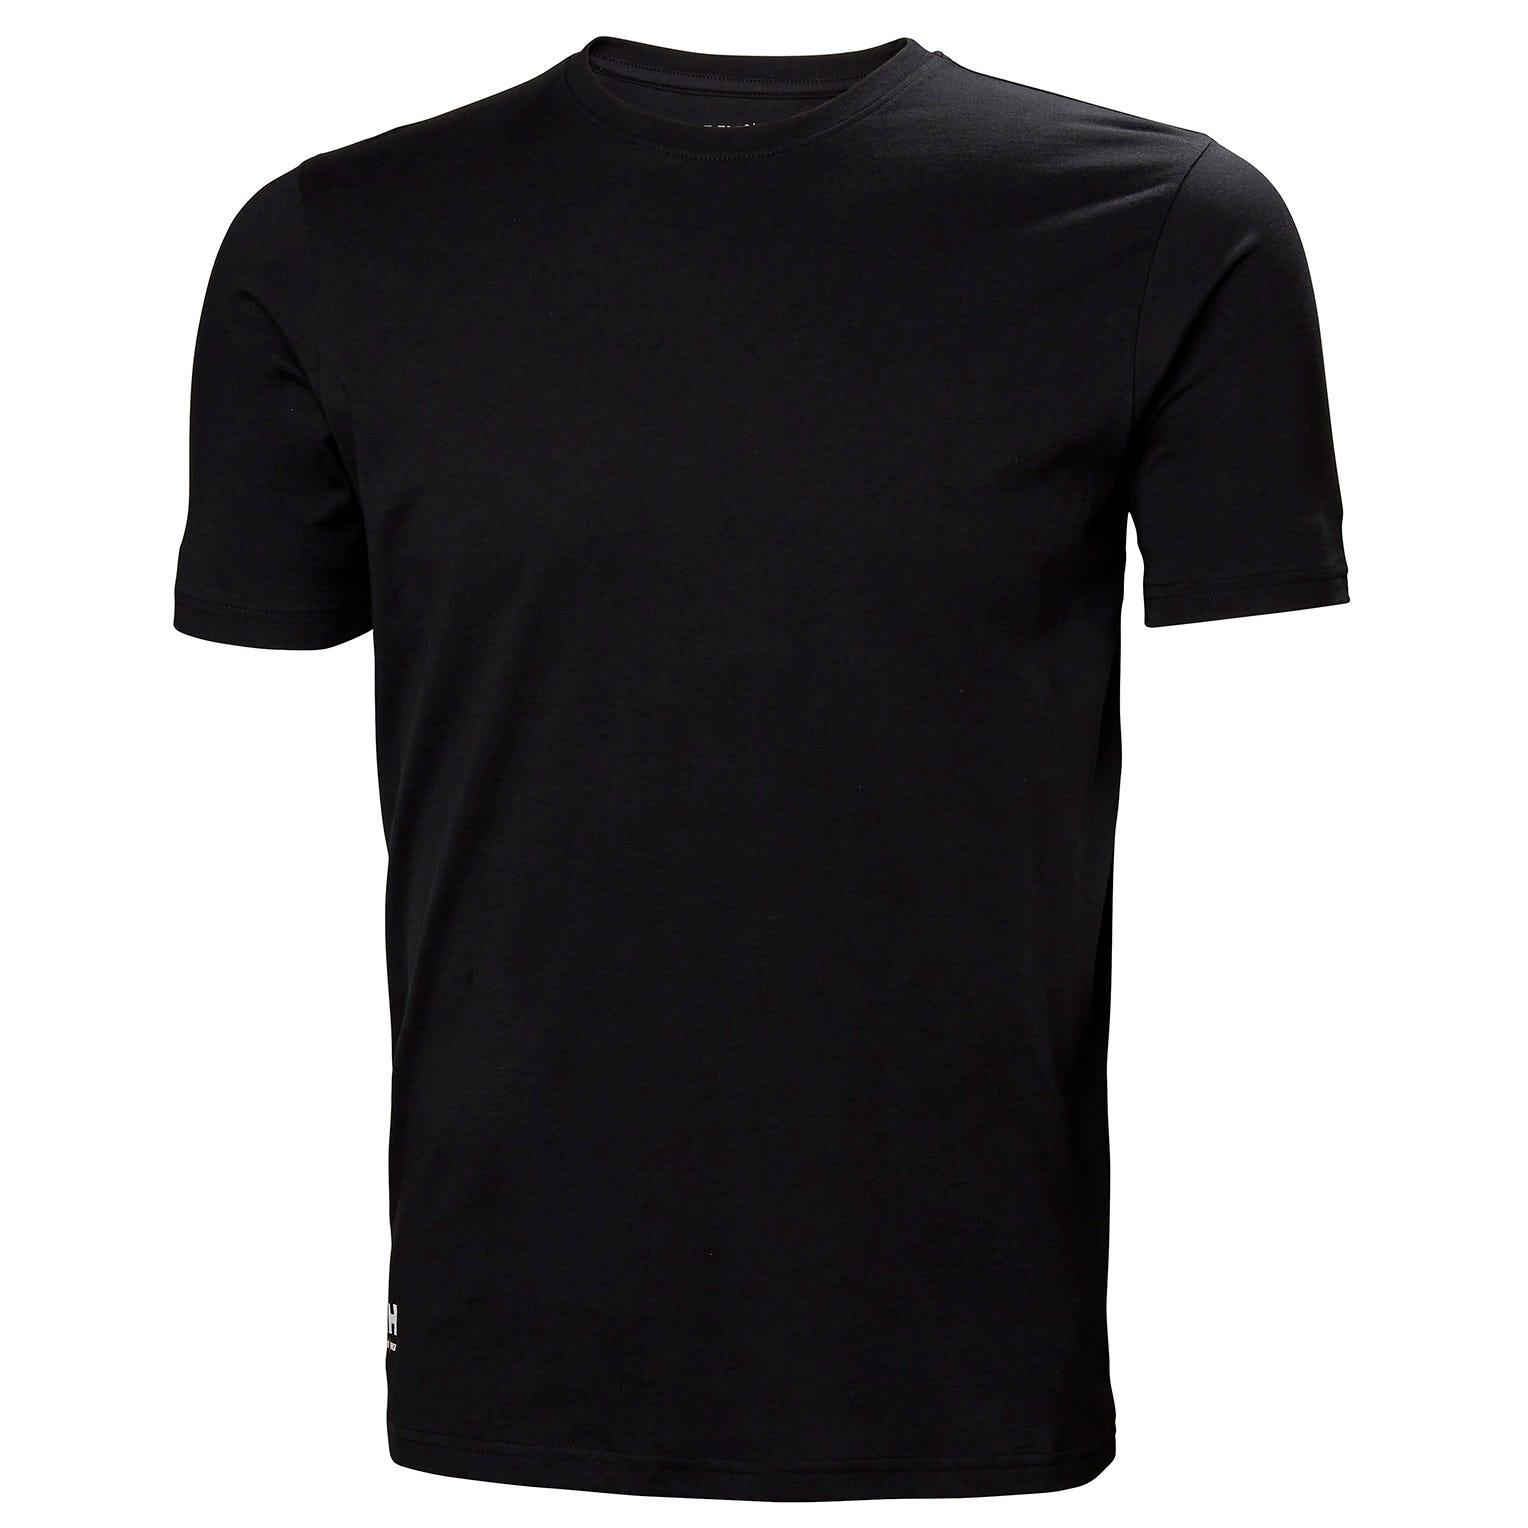 HH Workwear Helly Hansen WorkwearManchester Tshirt Black XXL